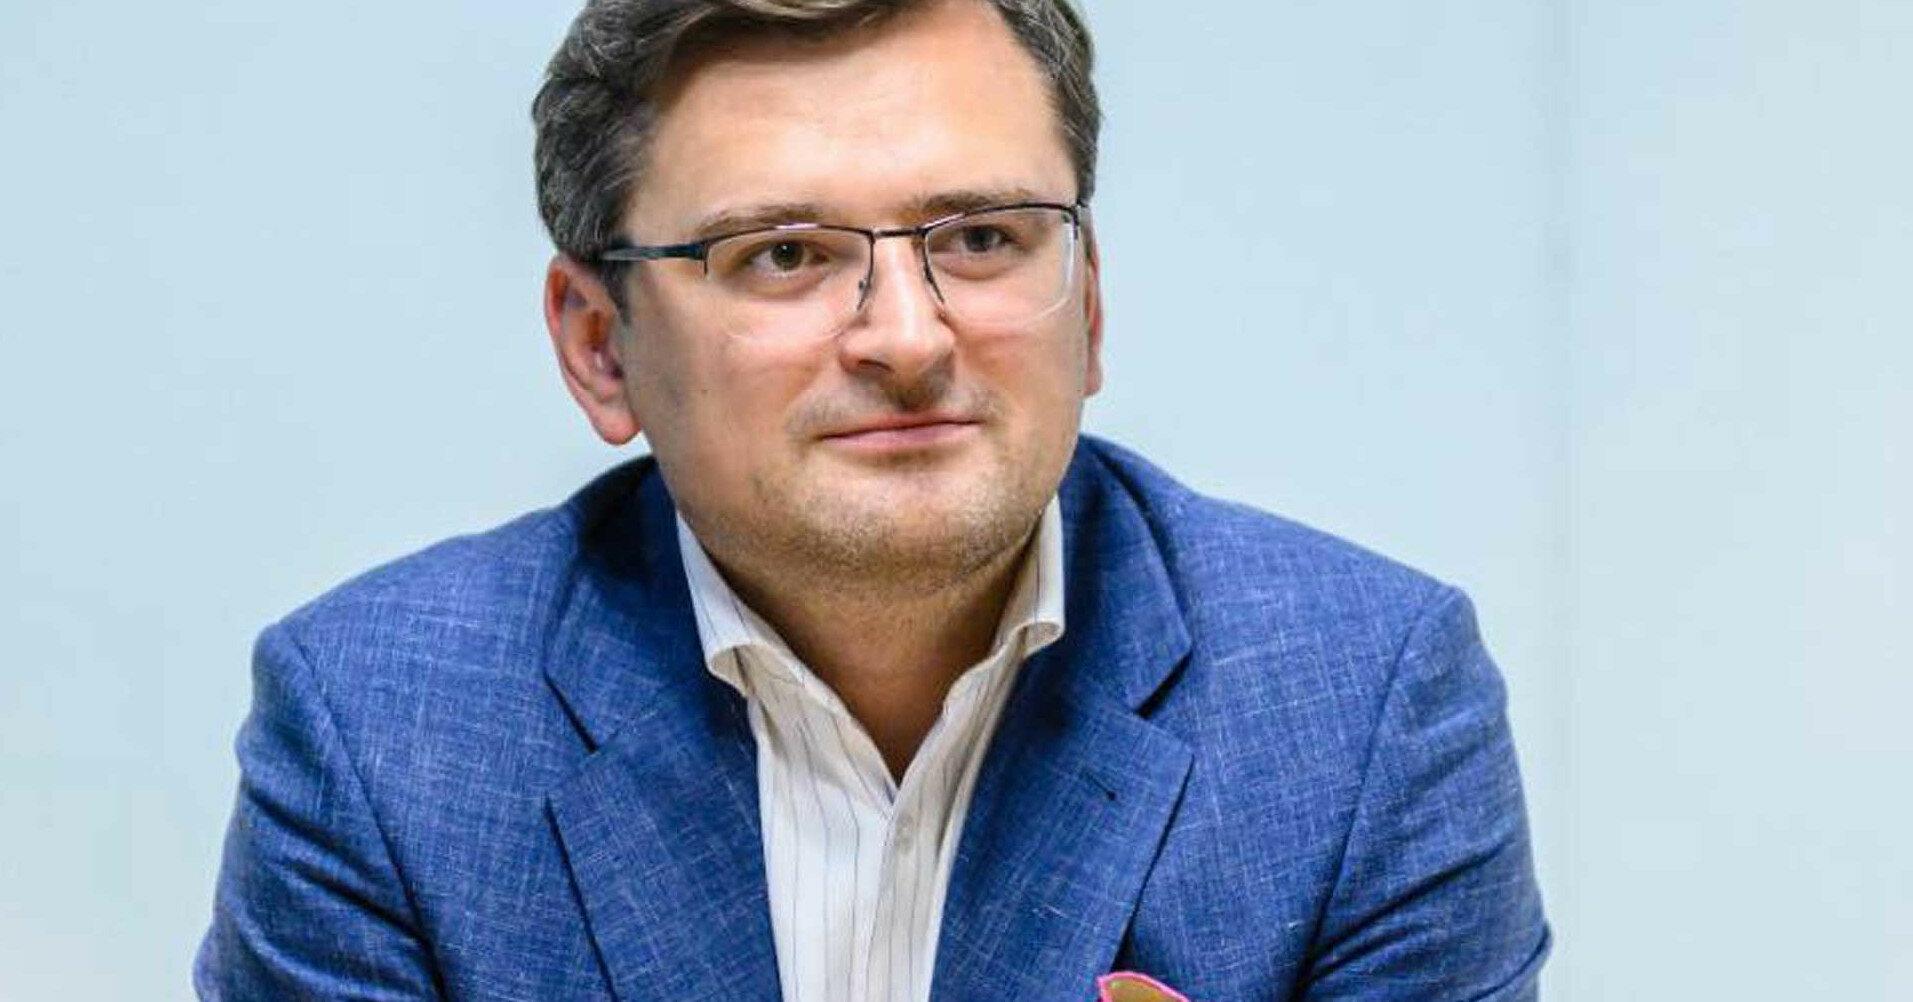 Кулеба прокомментировал репутацию украинских пожарных в Турции и Греции